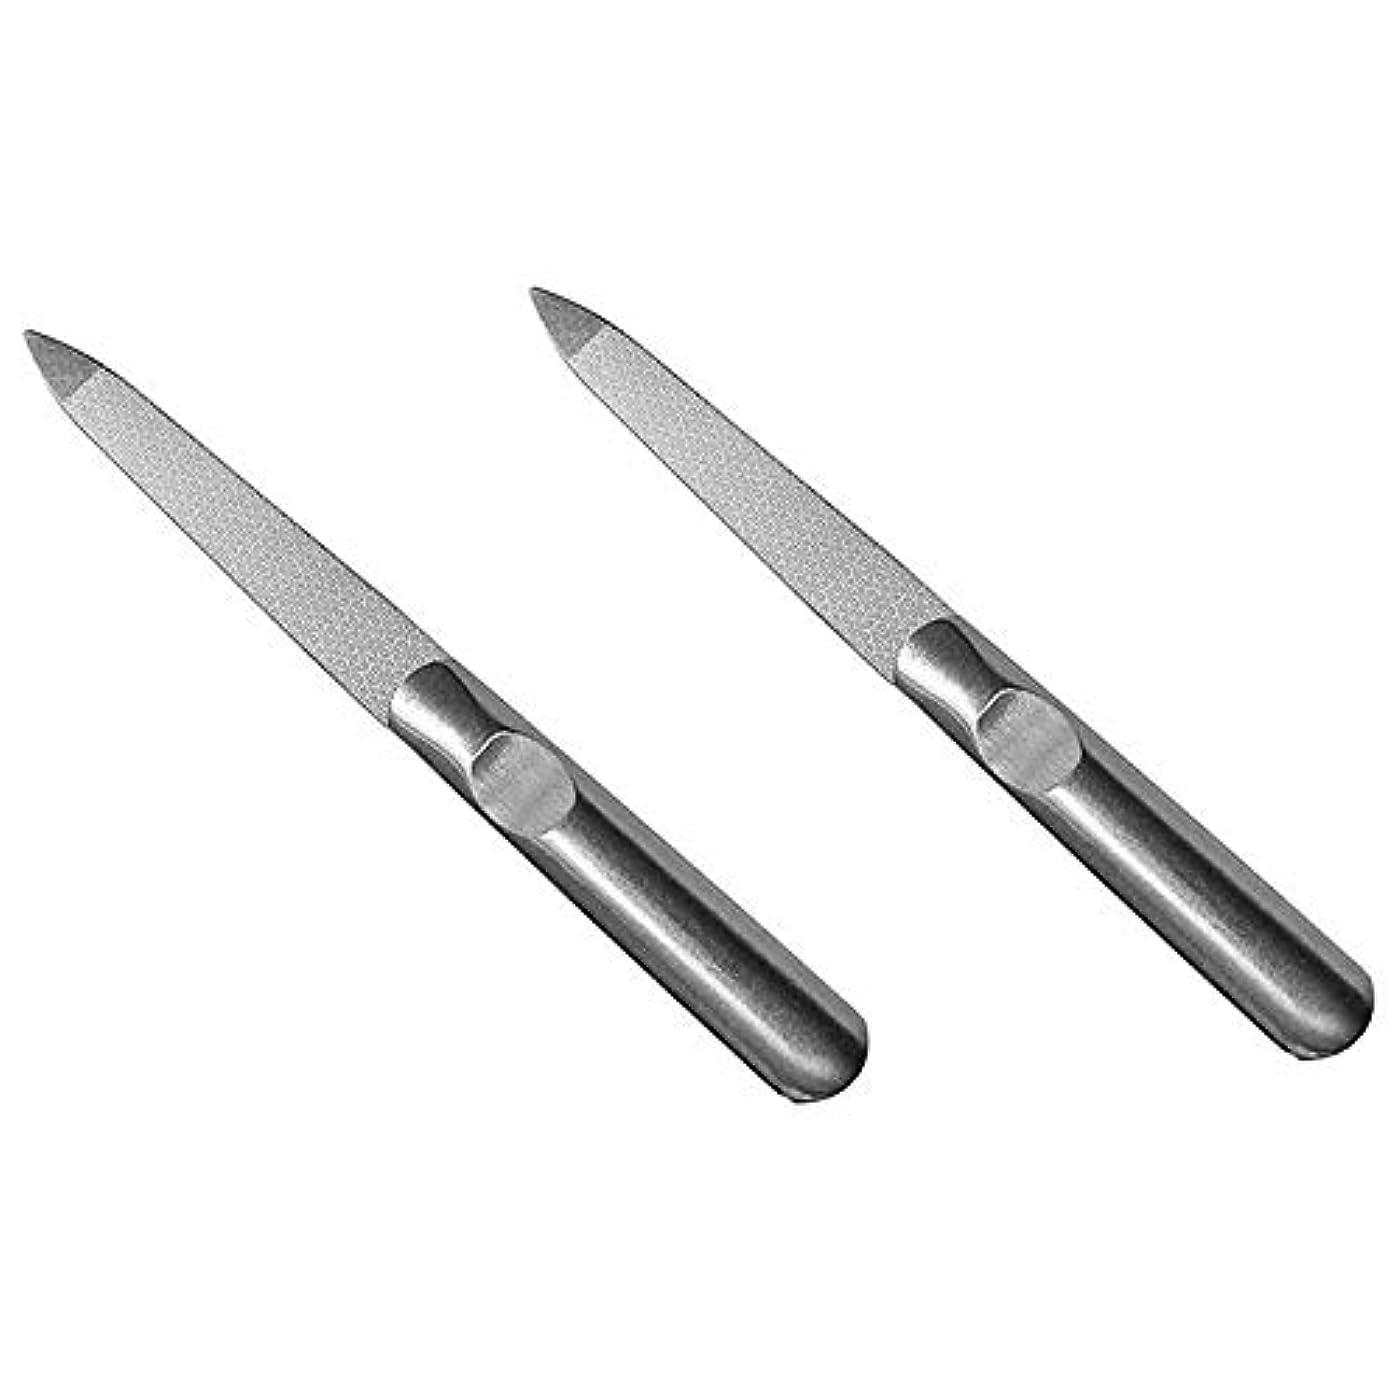 エキスパート三角形ライラックSemoic 2個 ステンレススチール ネイルファイル 両面マット アーマー美容ツール Yangjiang爪 腐食の防止鎧